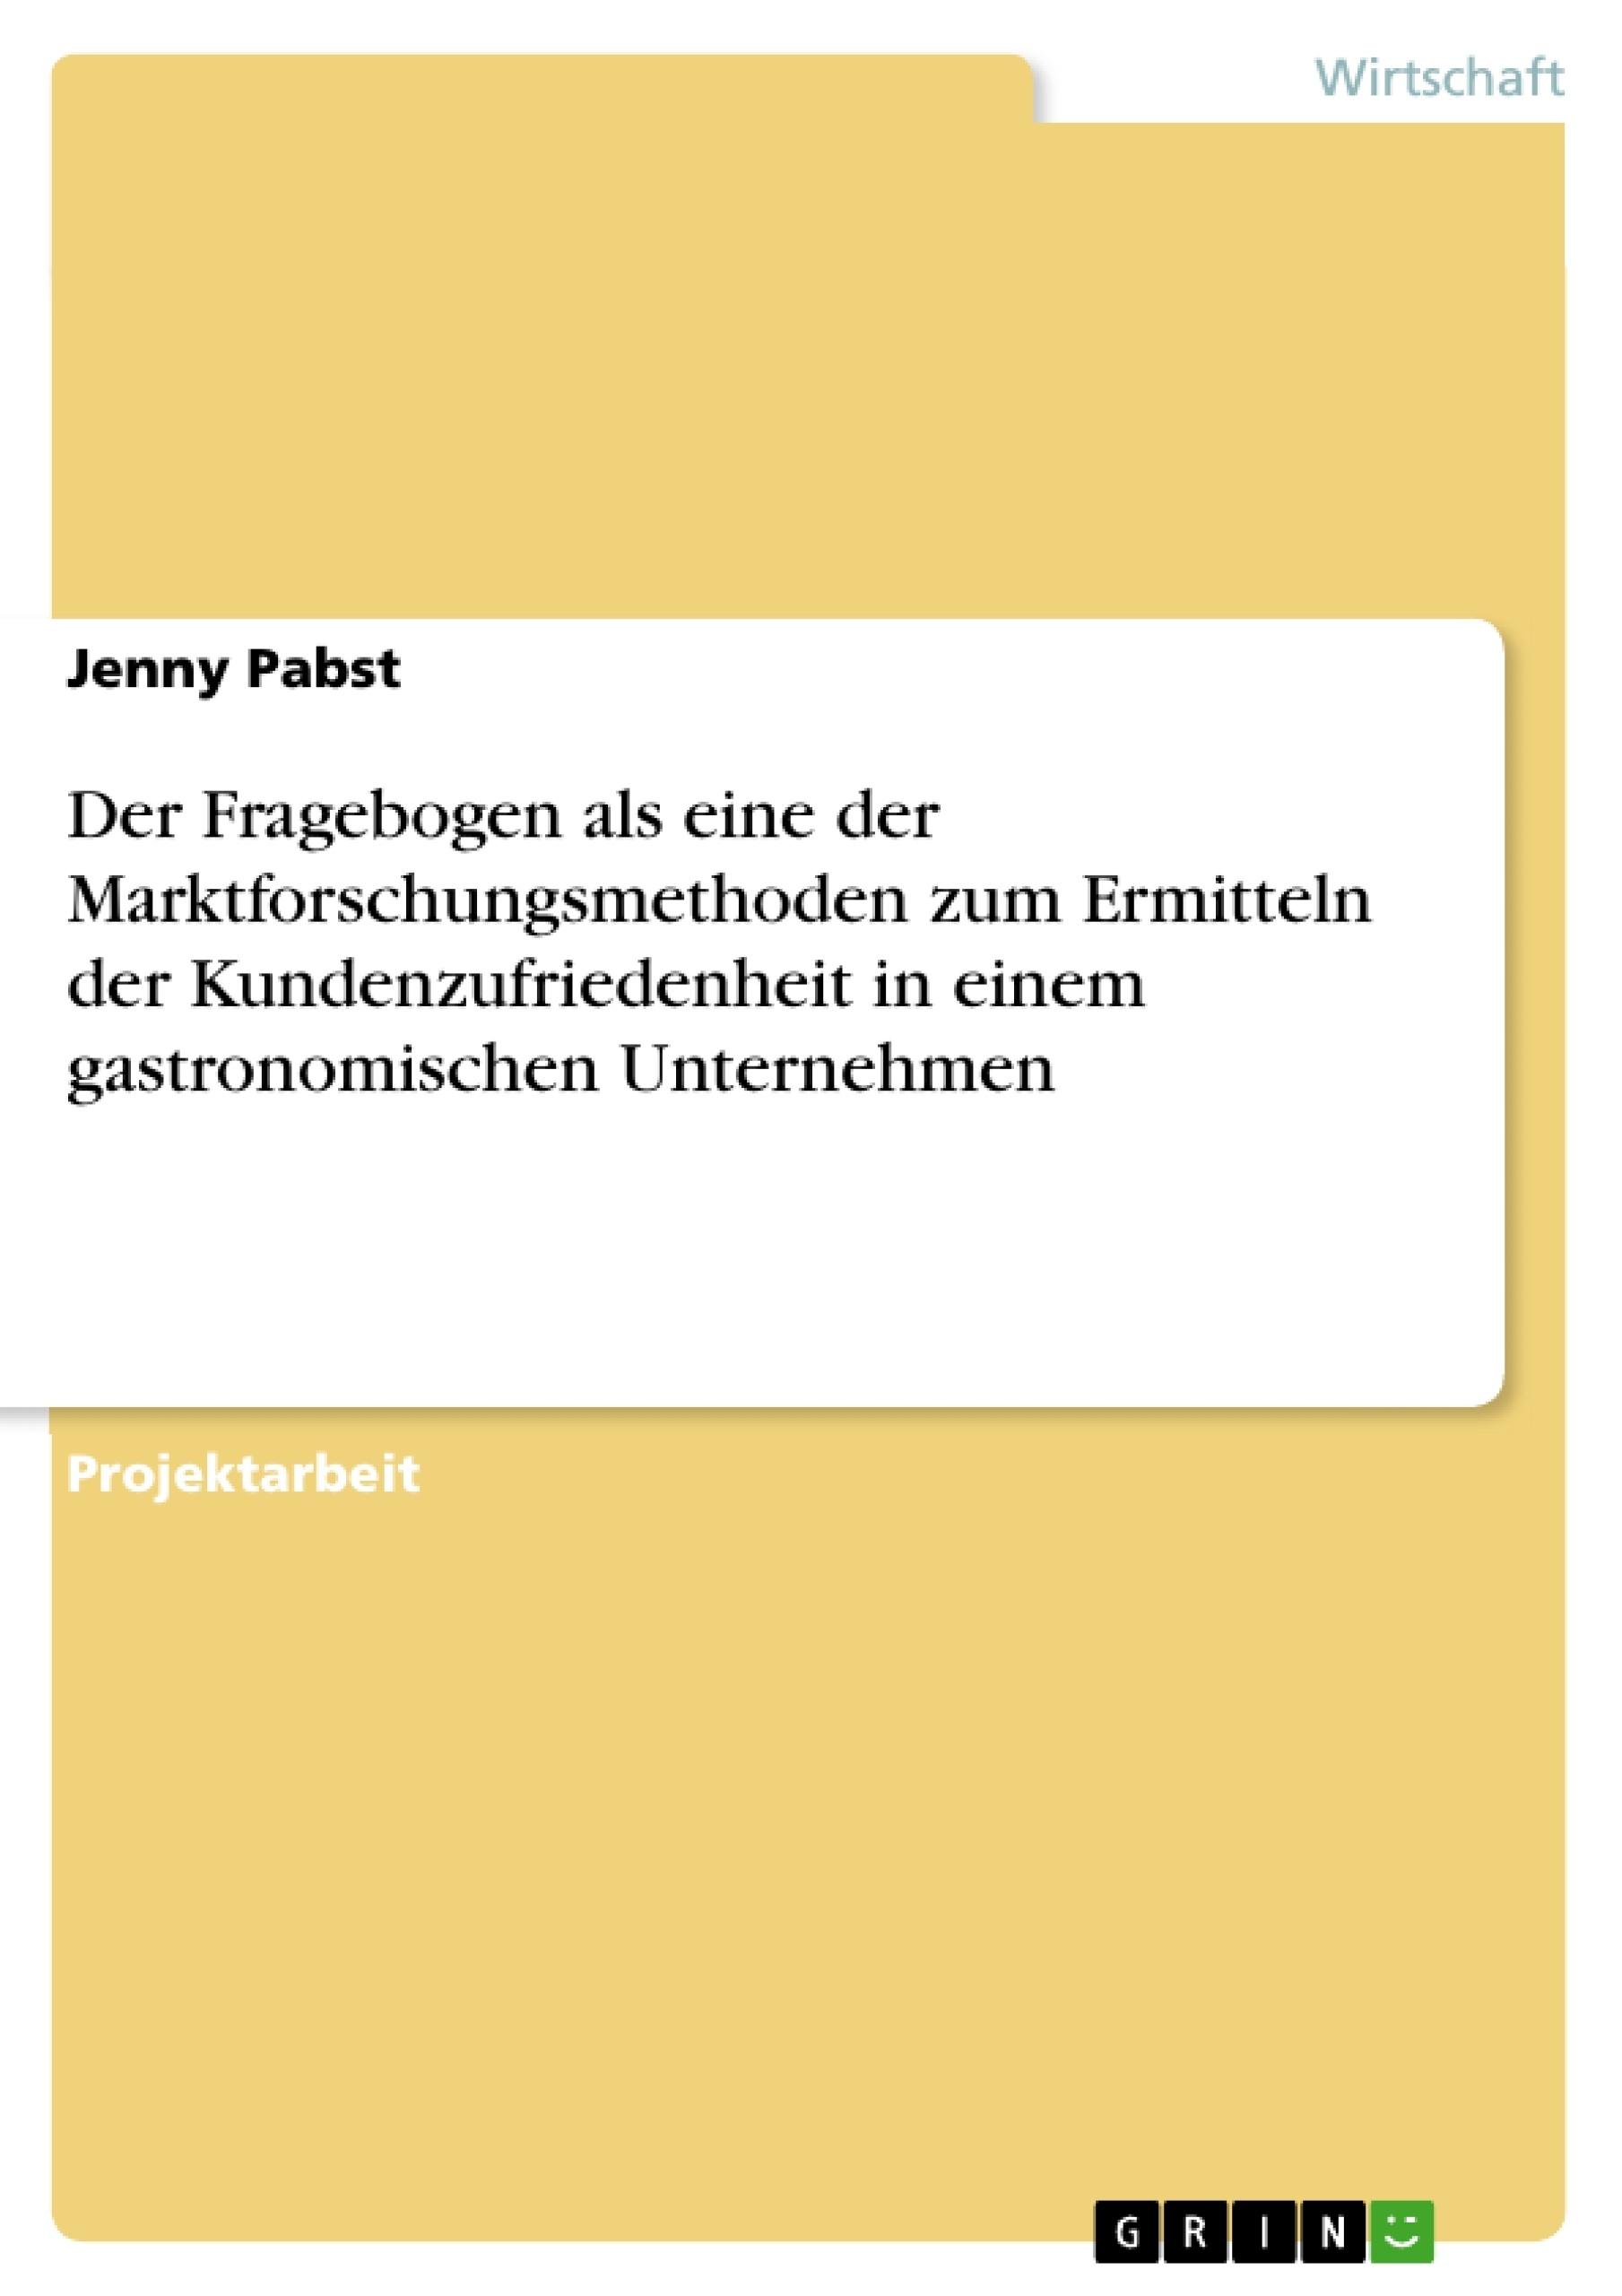 Titel: Der Fragebogen als eine der Marktforschungsmethoden zum Ermitteln der Kundenzufriedenheit in einem gastronomischen Unternehmen